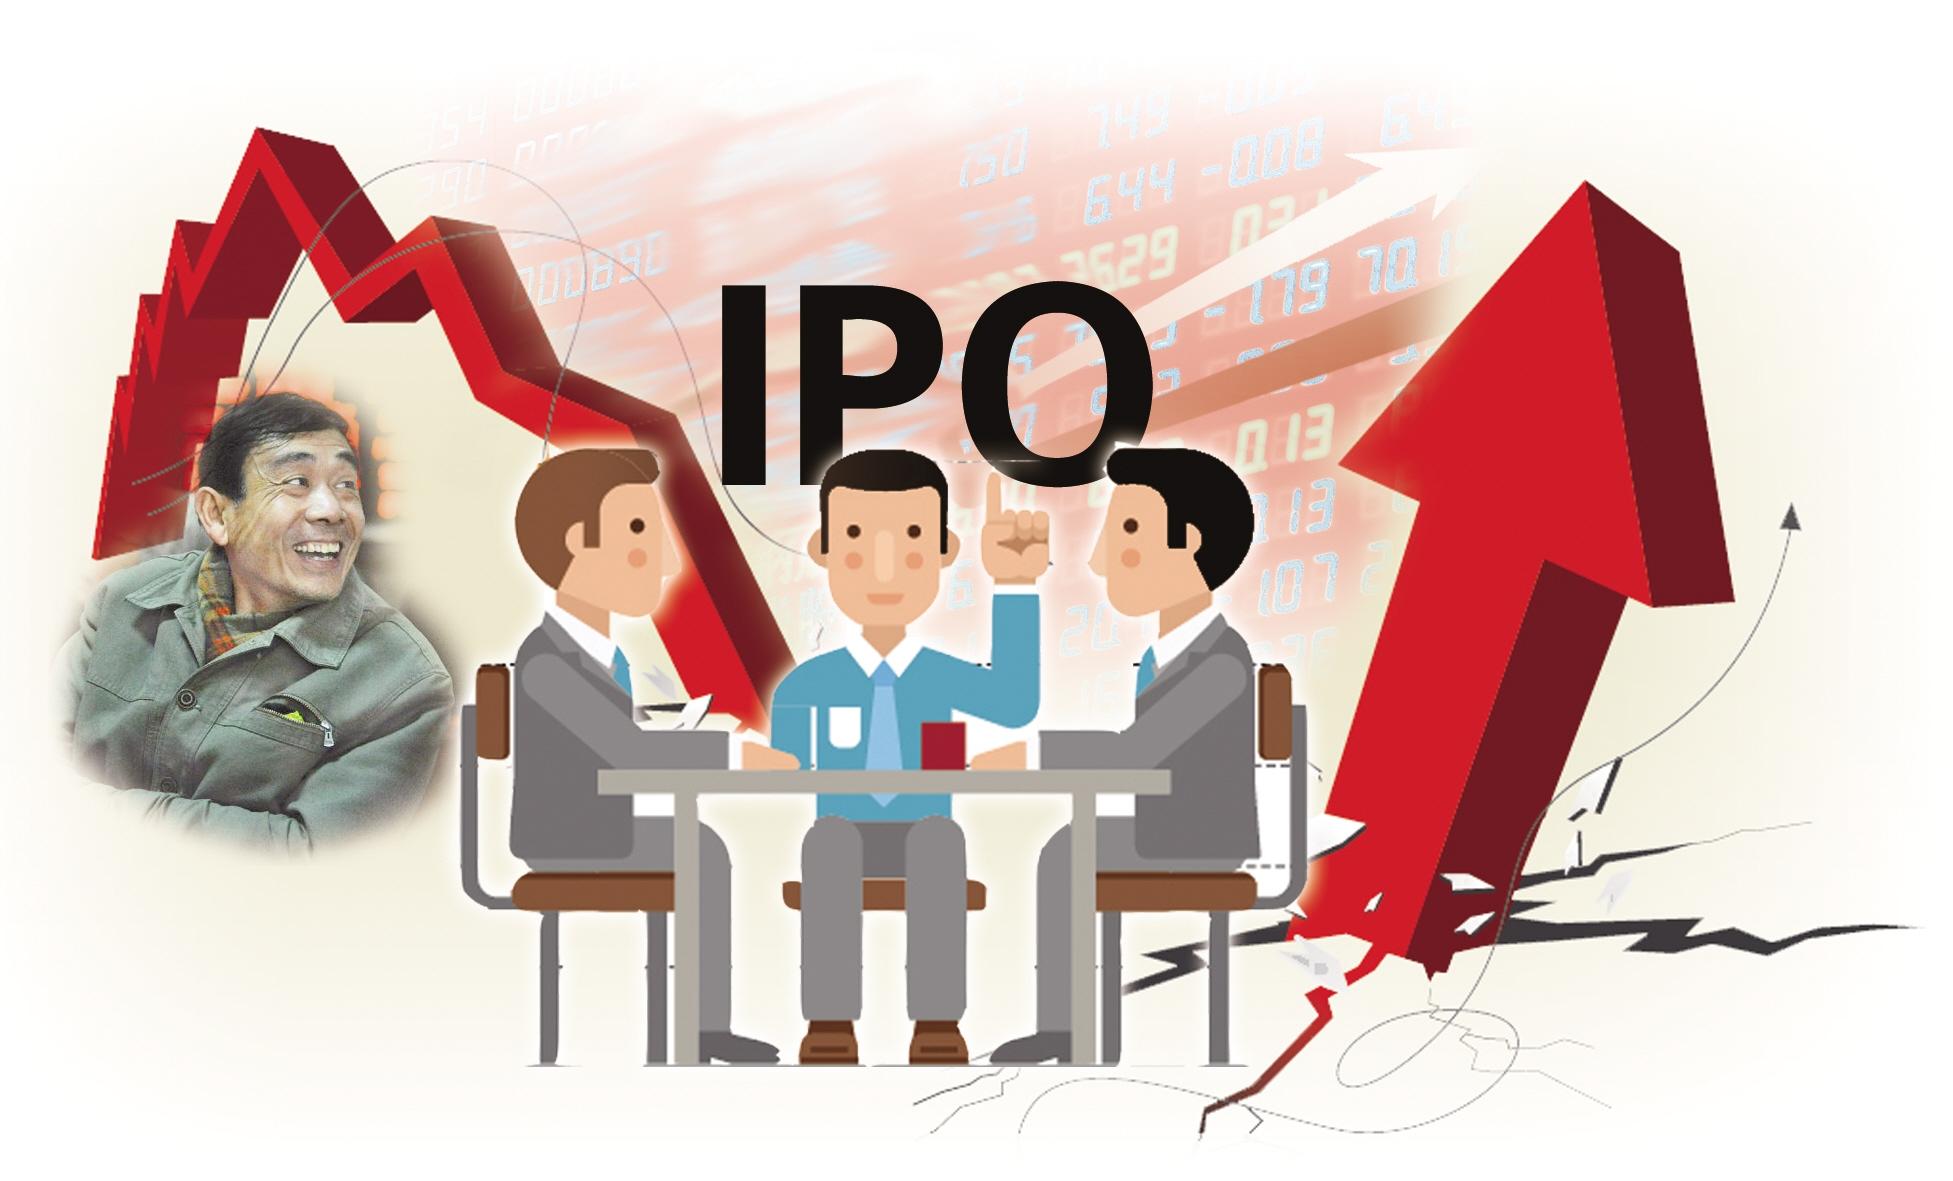 IPO排队数量减少是企业敬畏市场的开始